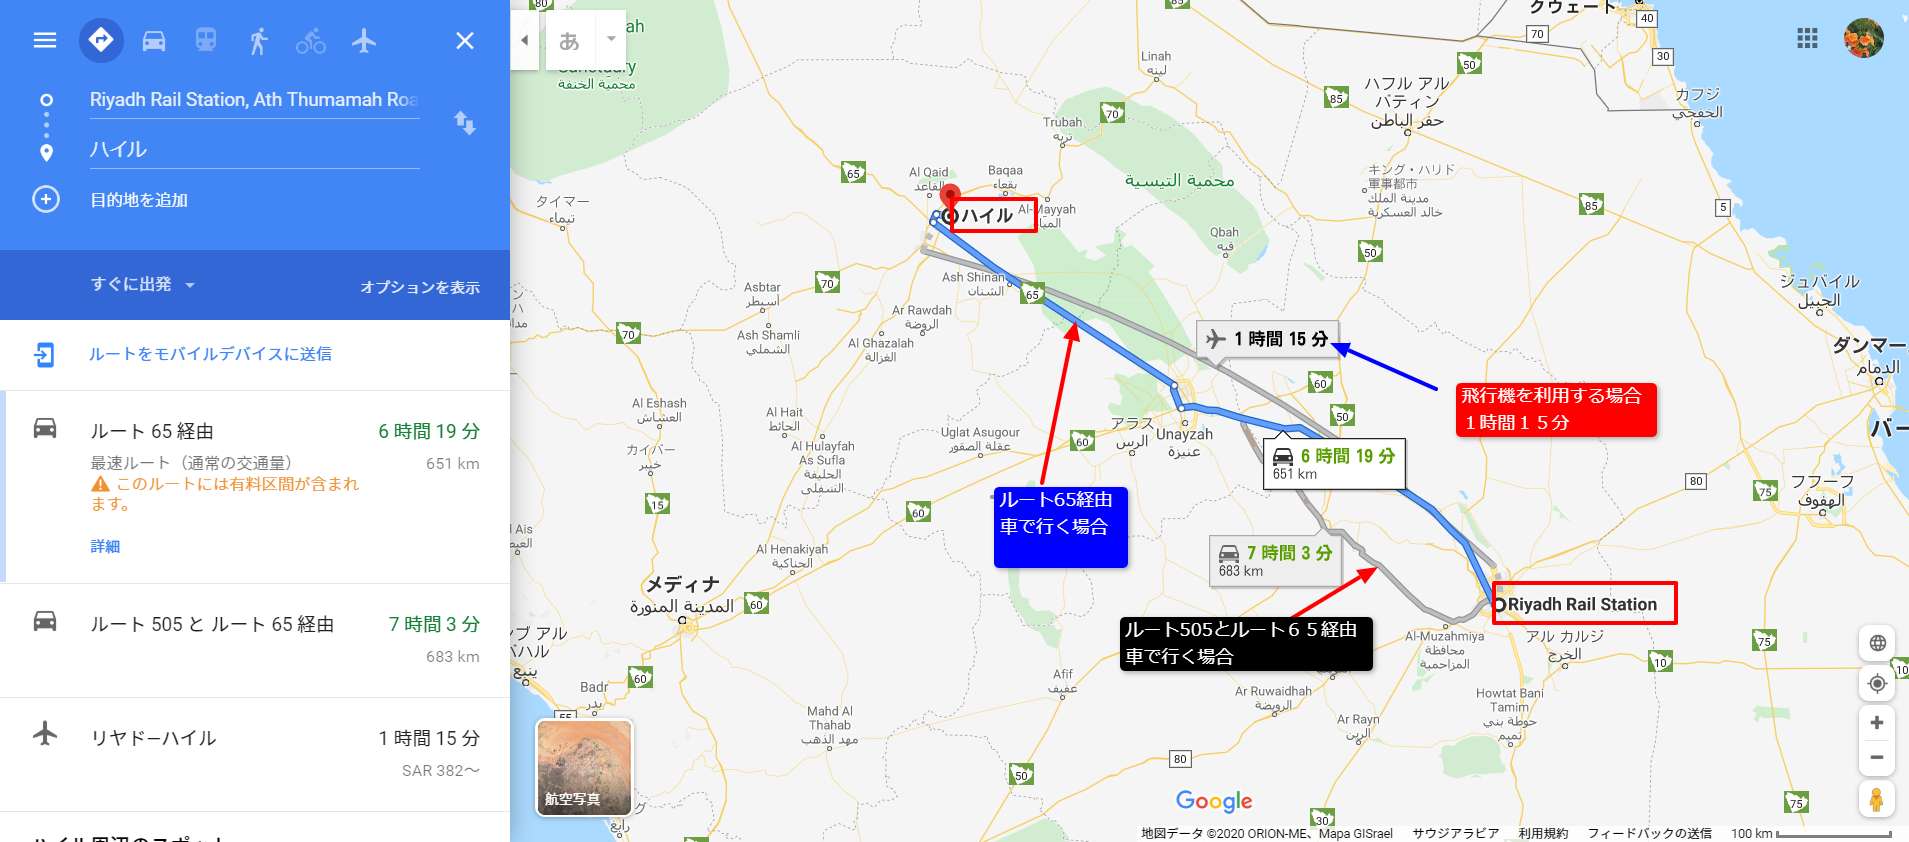 キングハーレド国際空港からハーイルまでのマップ